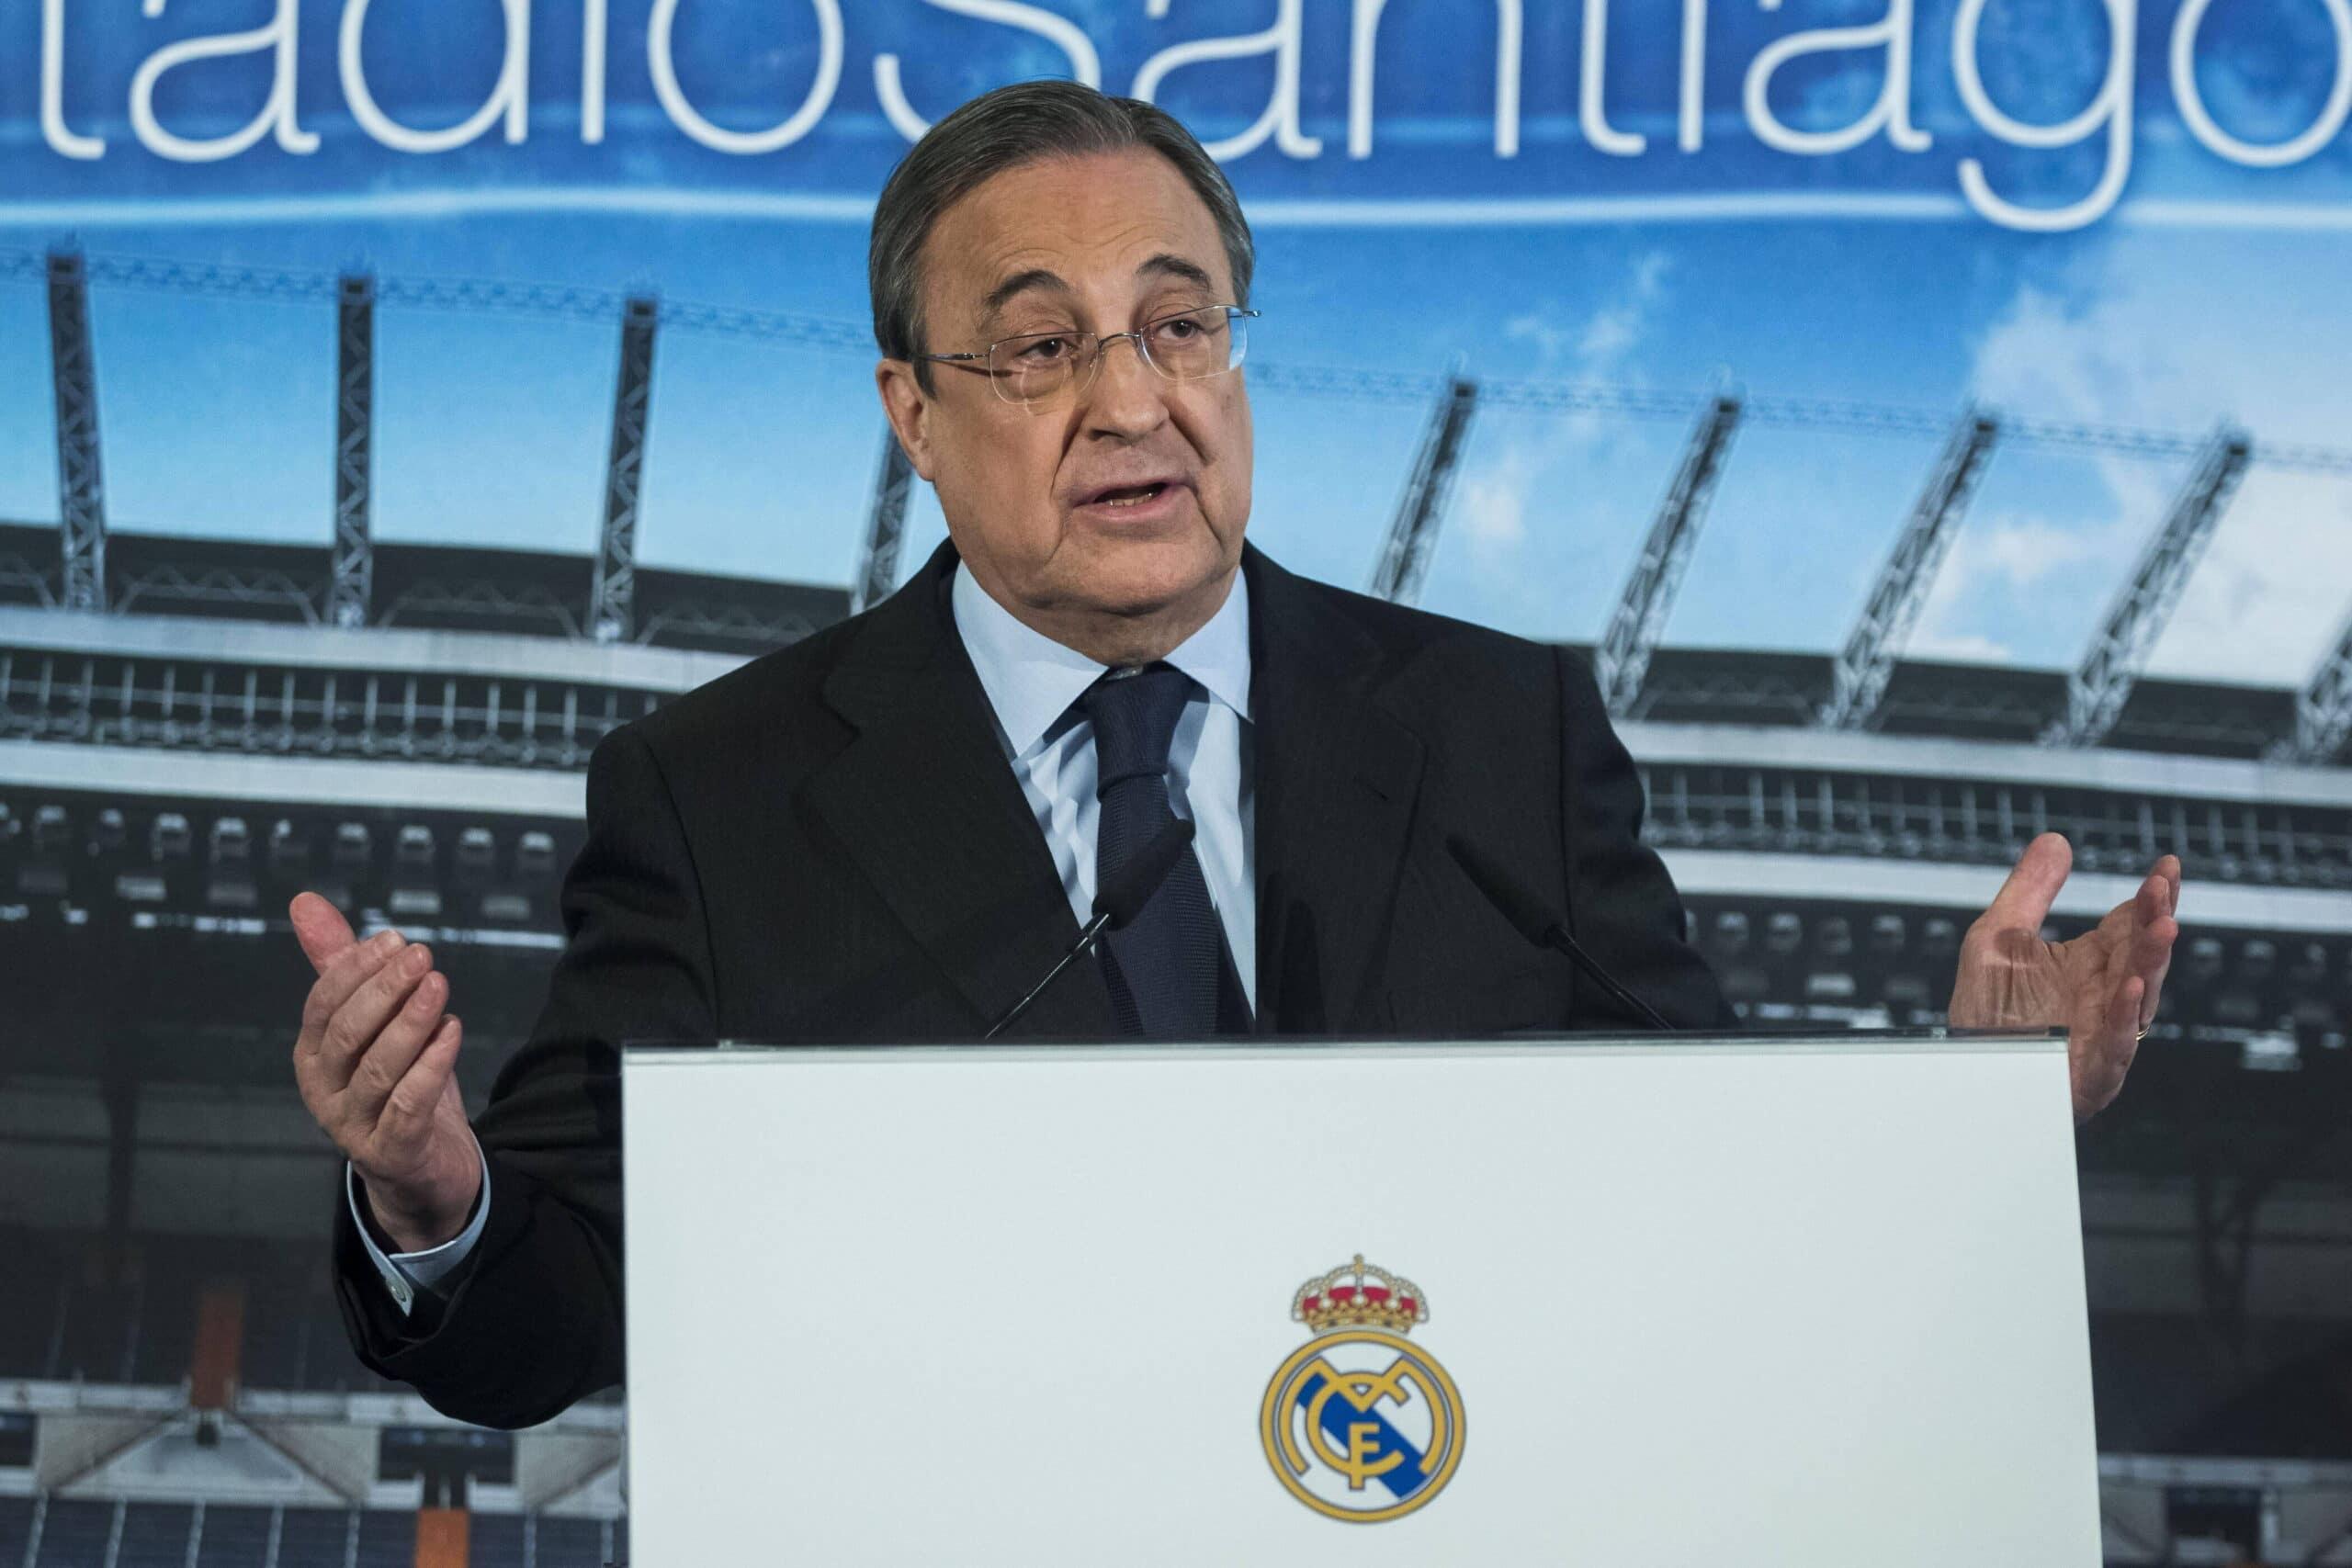 🔴 SuperLeague : Retour sur les déclarations de Florentino Perez !